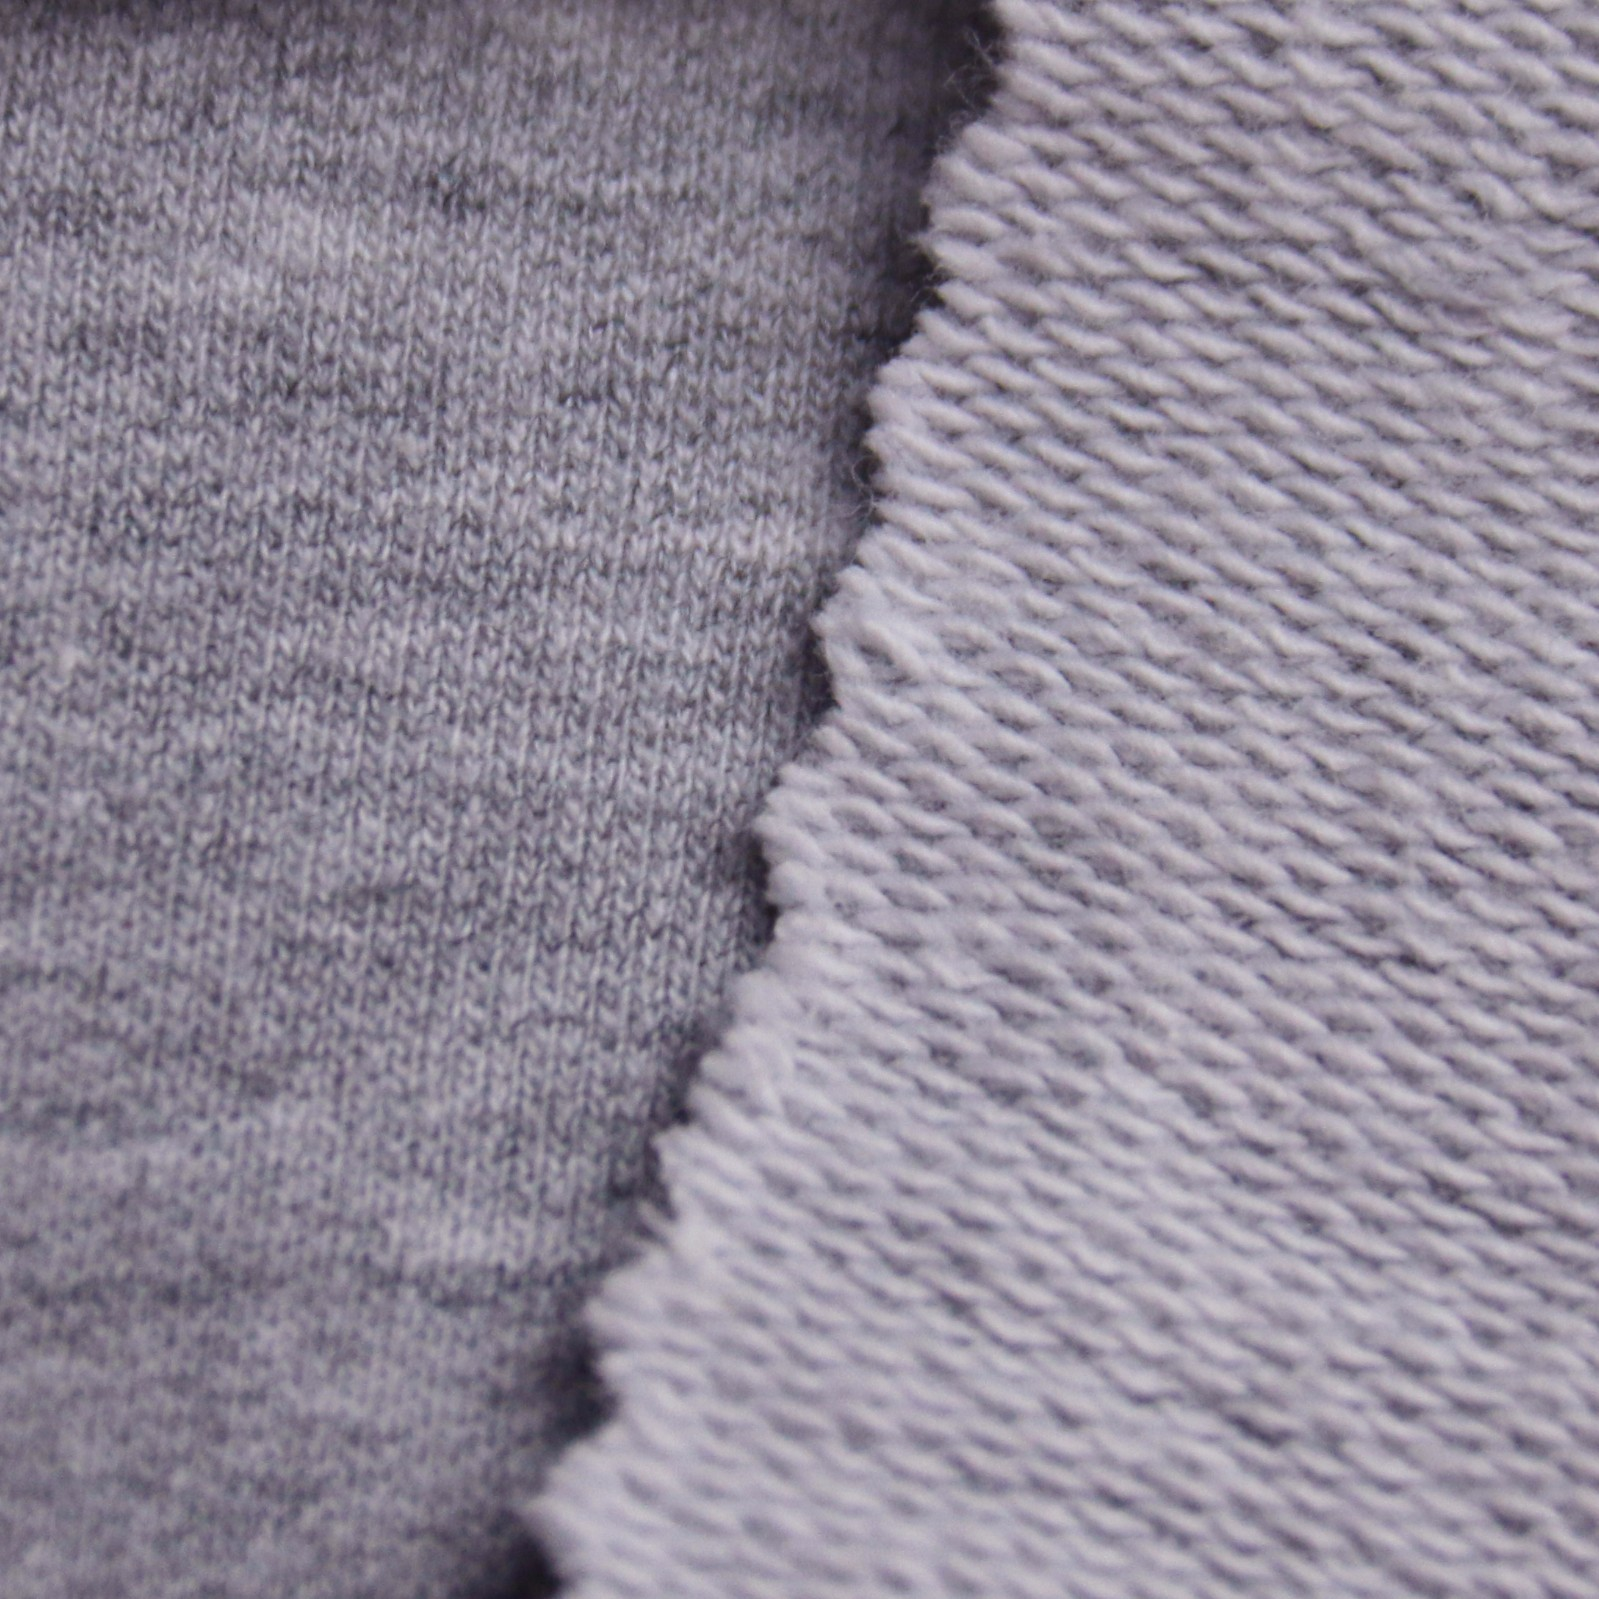 300g大卫衣针织面料 花灰色毛圈布图片二